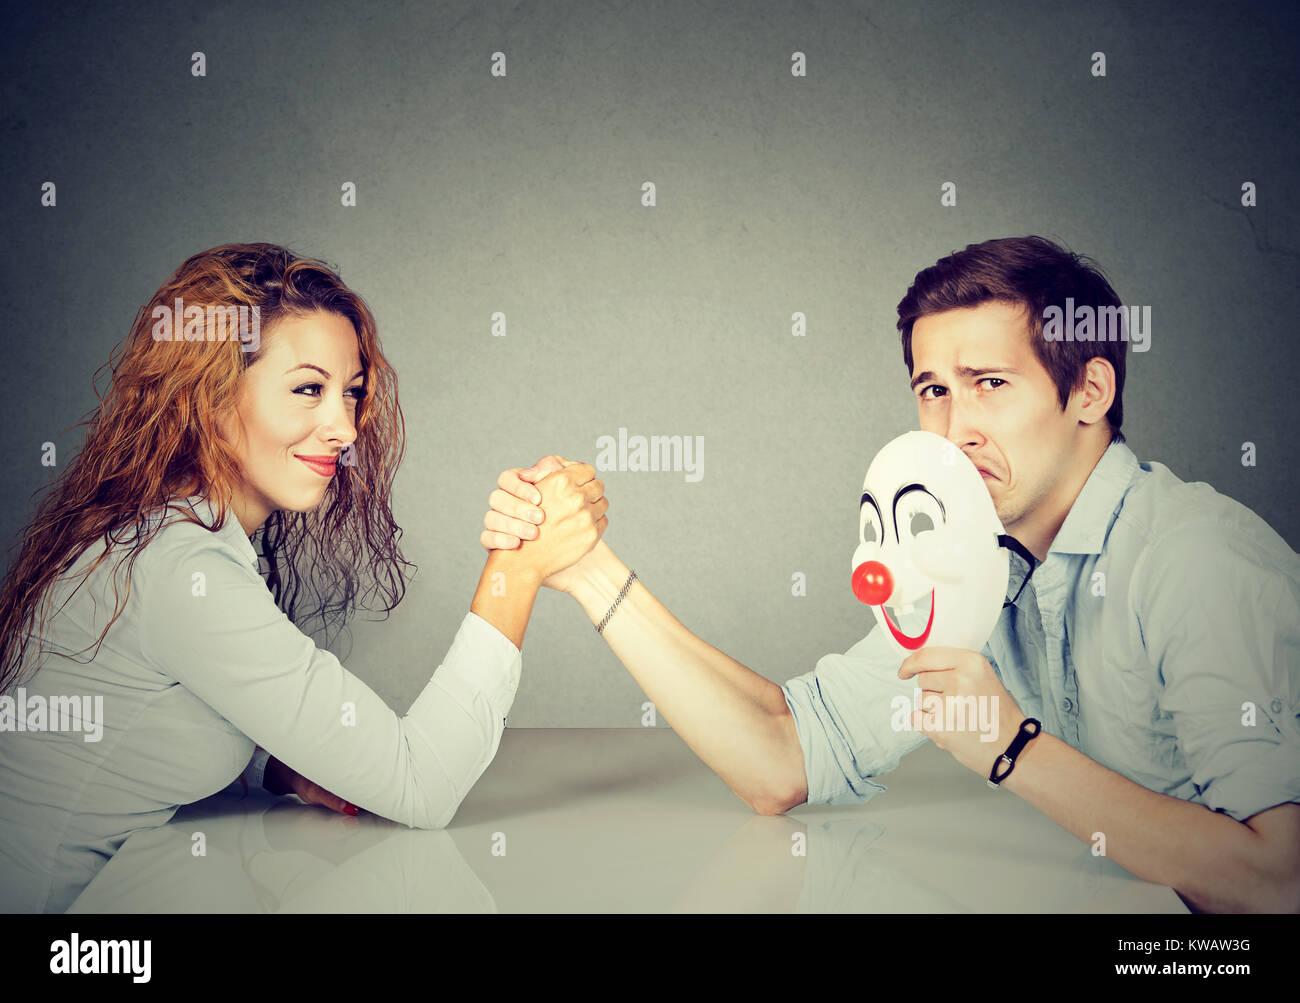 Mujer y hombre tener competencia en arm wrestling luchando por los derechos de género Imagen De Stock